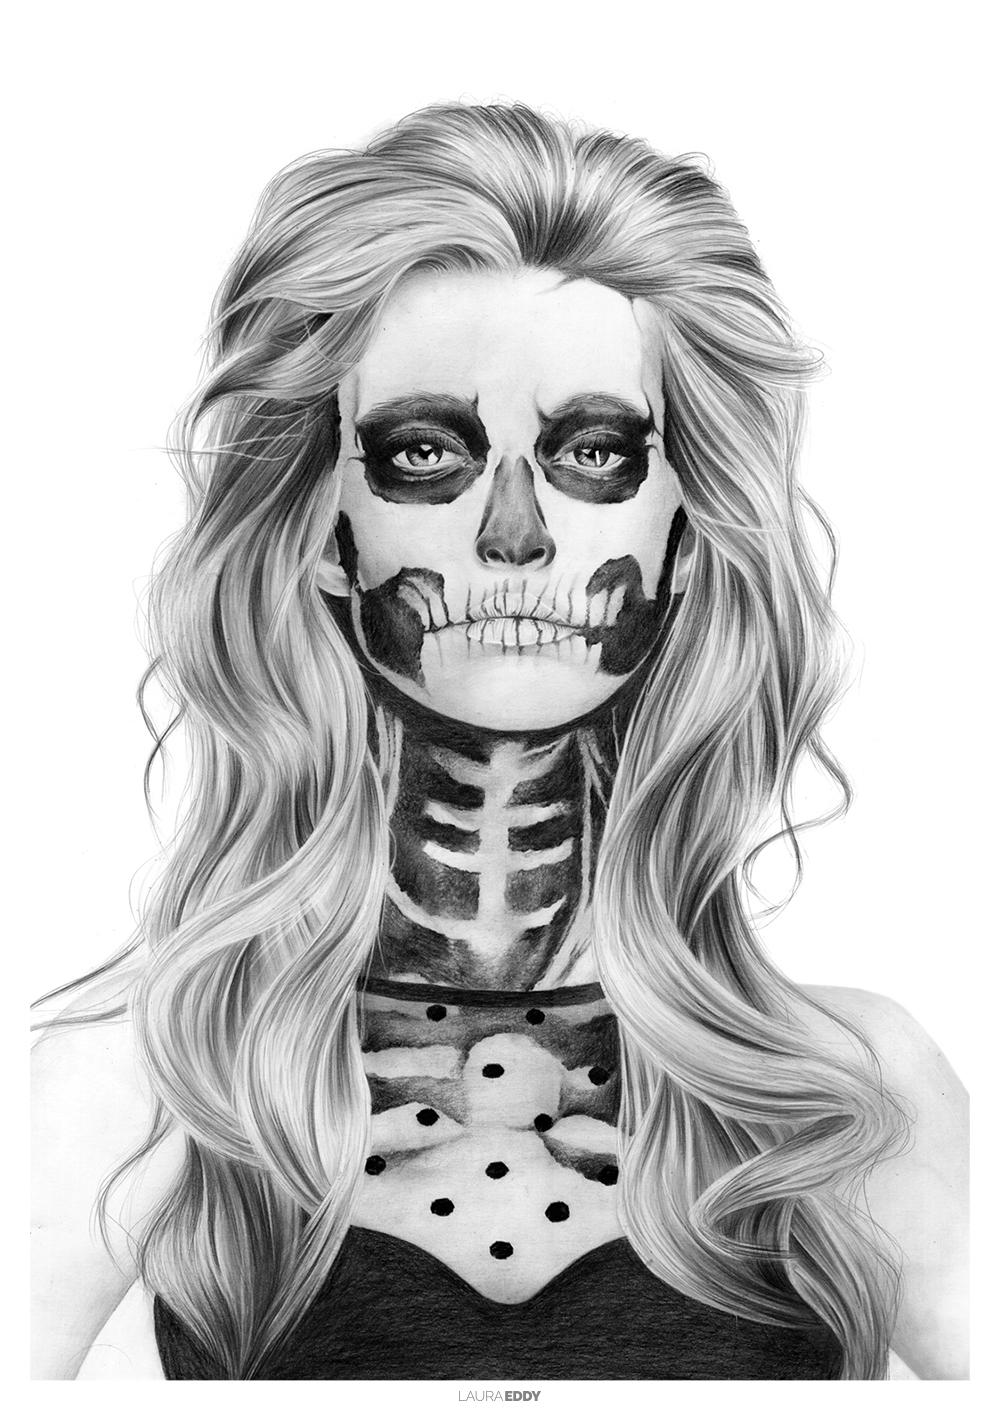 laura-eddy-drawing-skull-girl-branded.jpg